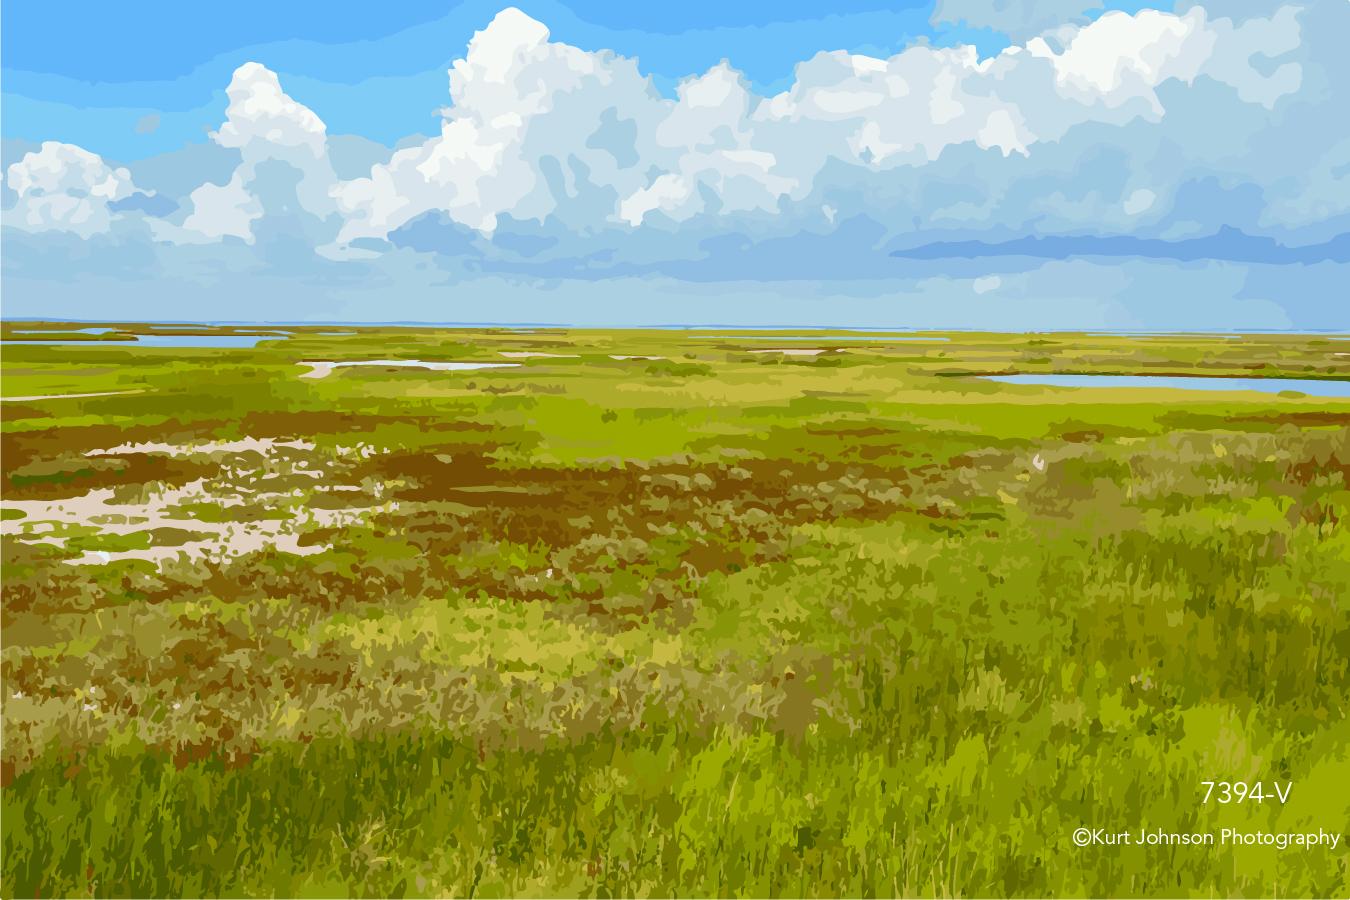 open field savanna green grass blue sky clouds landscape grasses